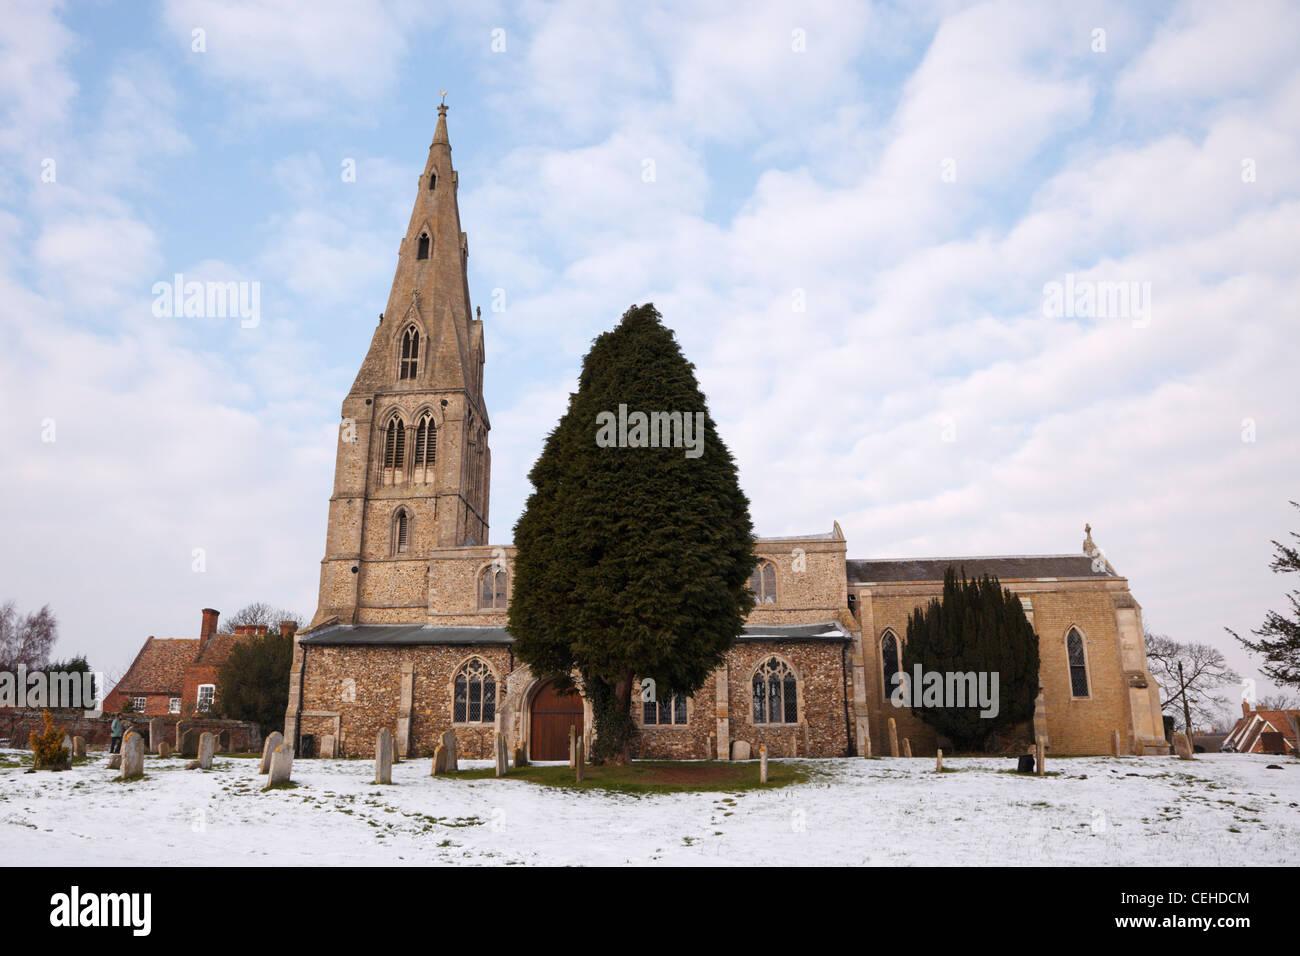 St Mary Magdalene Church, Warboys, Cambridgeshire, England - Stock Image